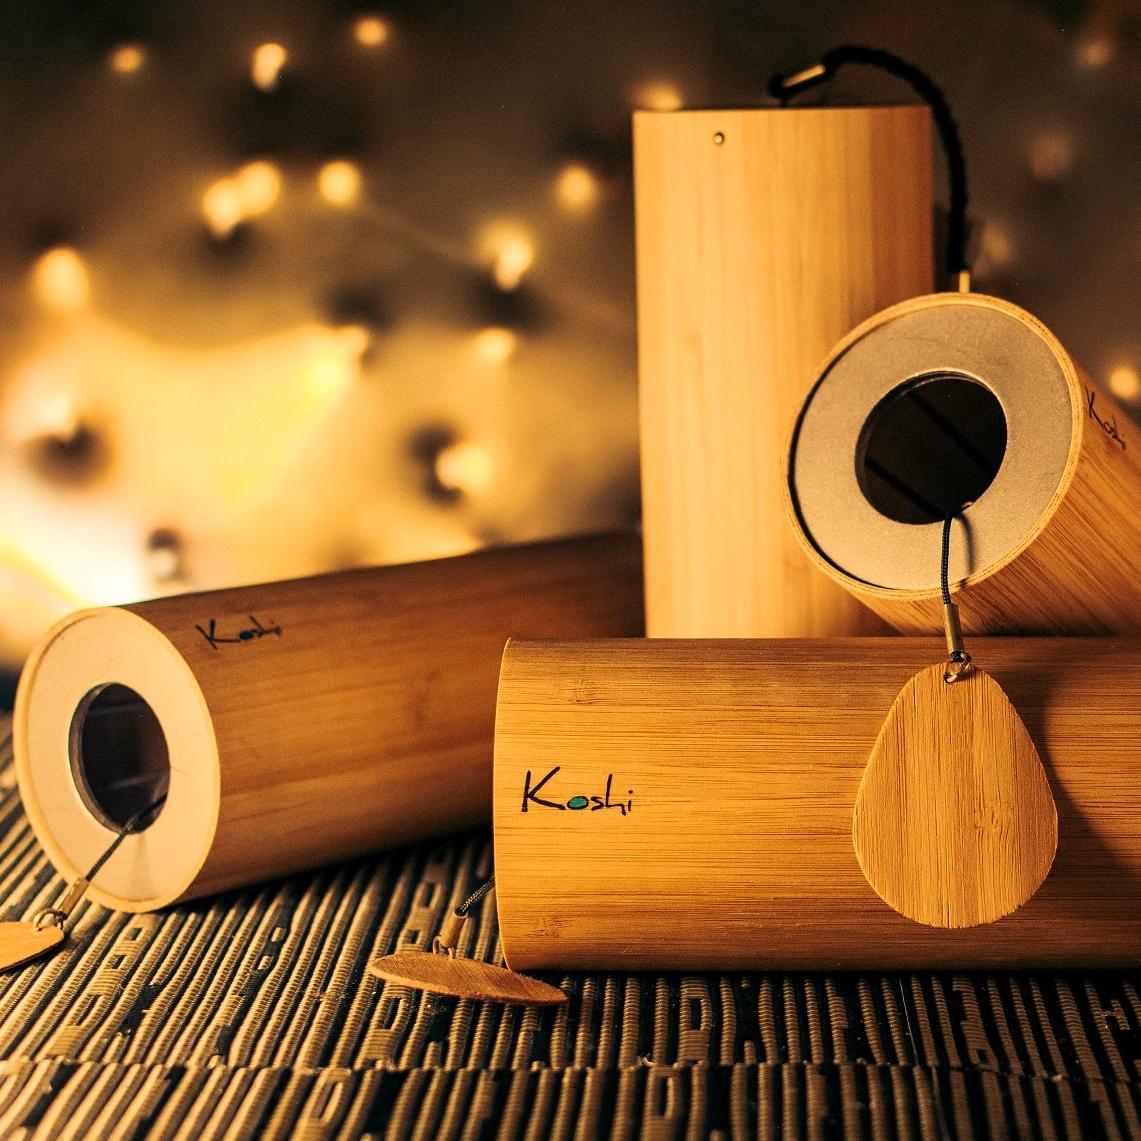 法国KOSHI歌诗风铃手摇铃疗愈瑜伽冥想乐器少寒洛